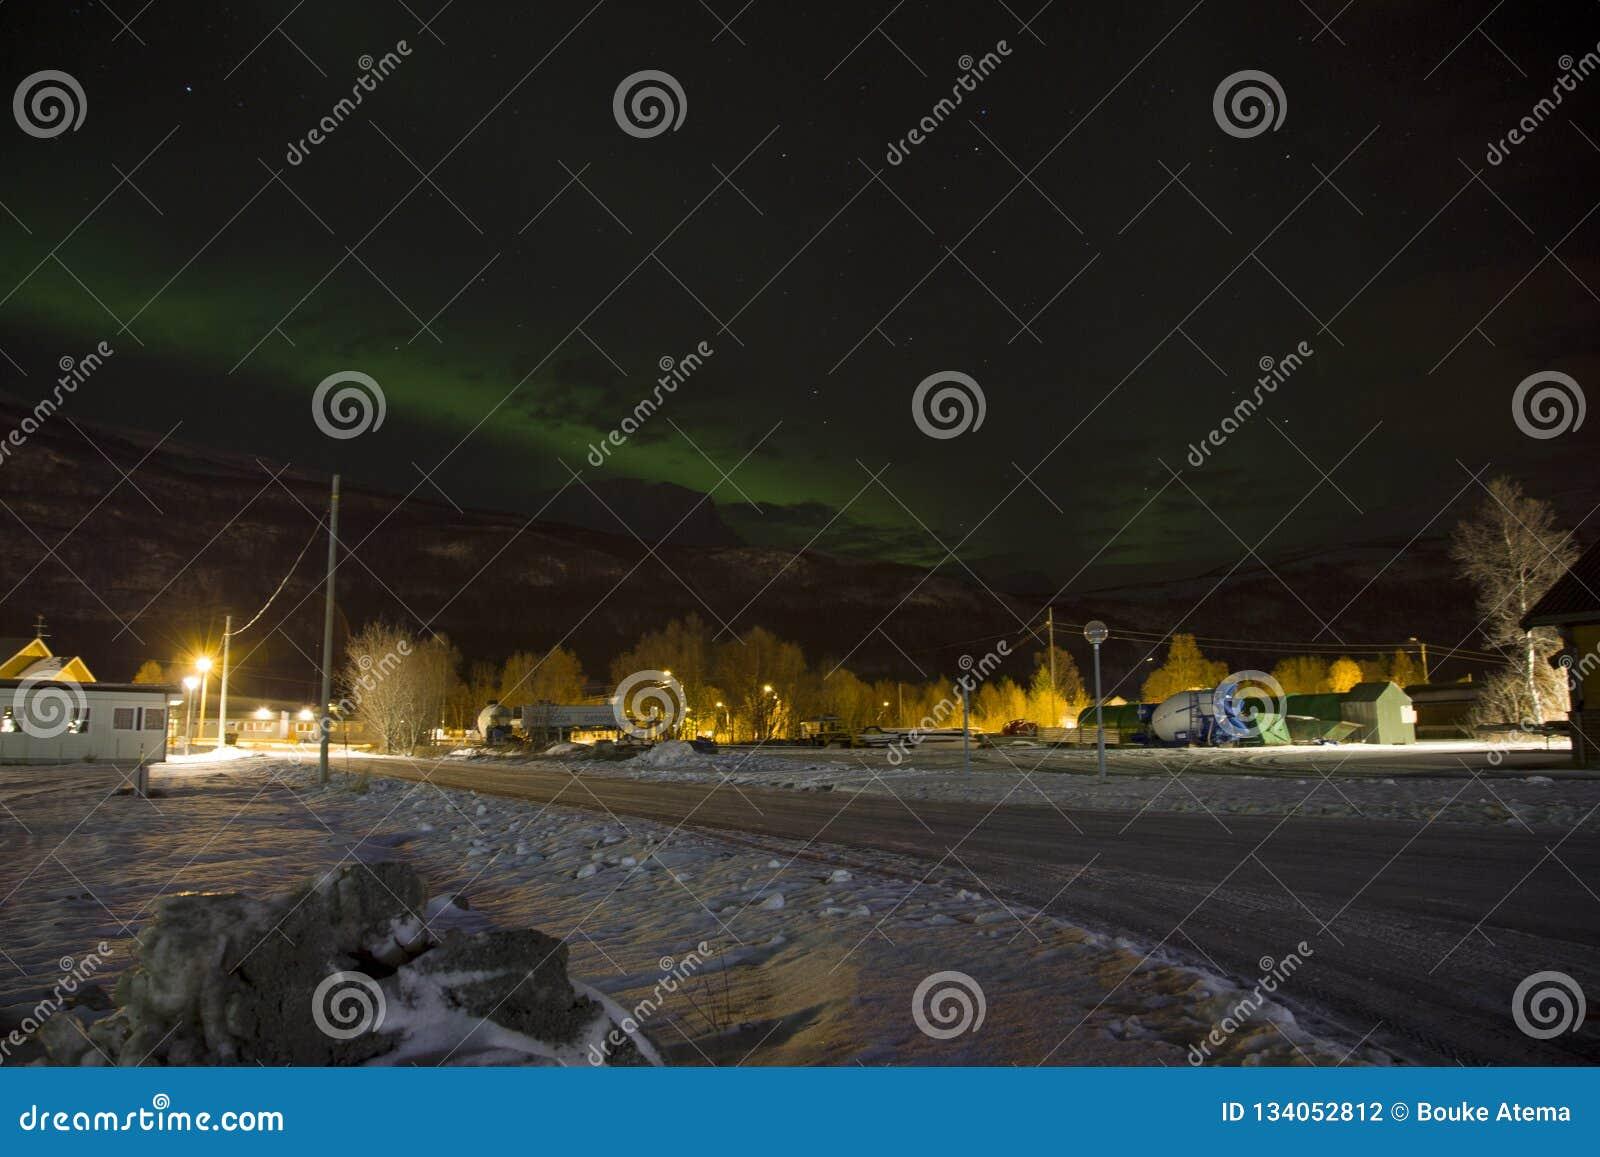 上升在一座山后的北极光极光borealis在挪威的北部的一个小村庄 冬天中